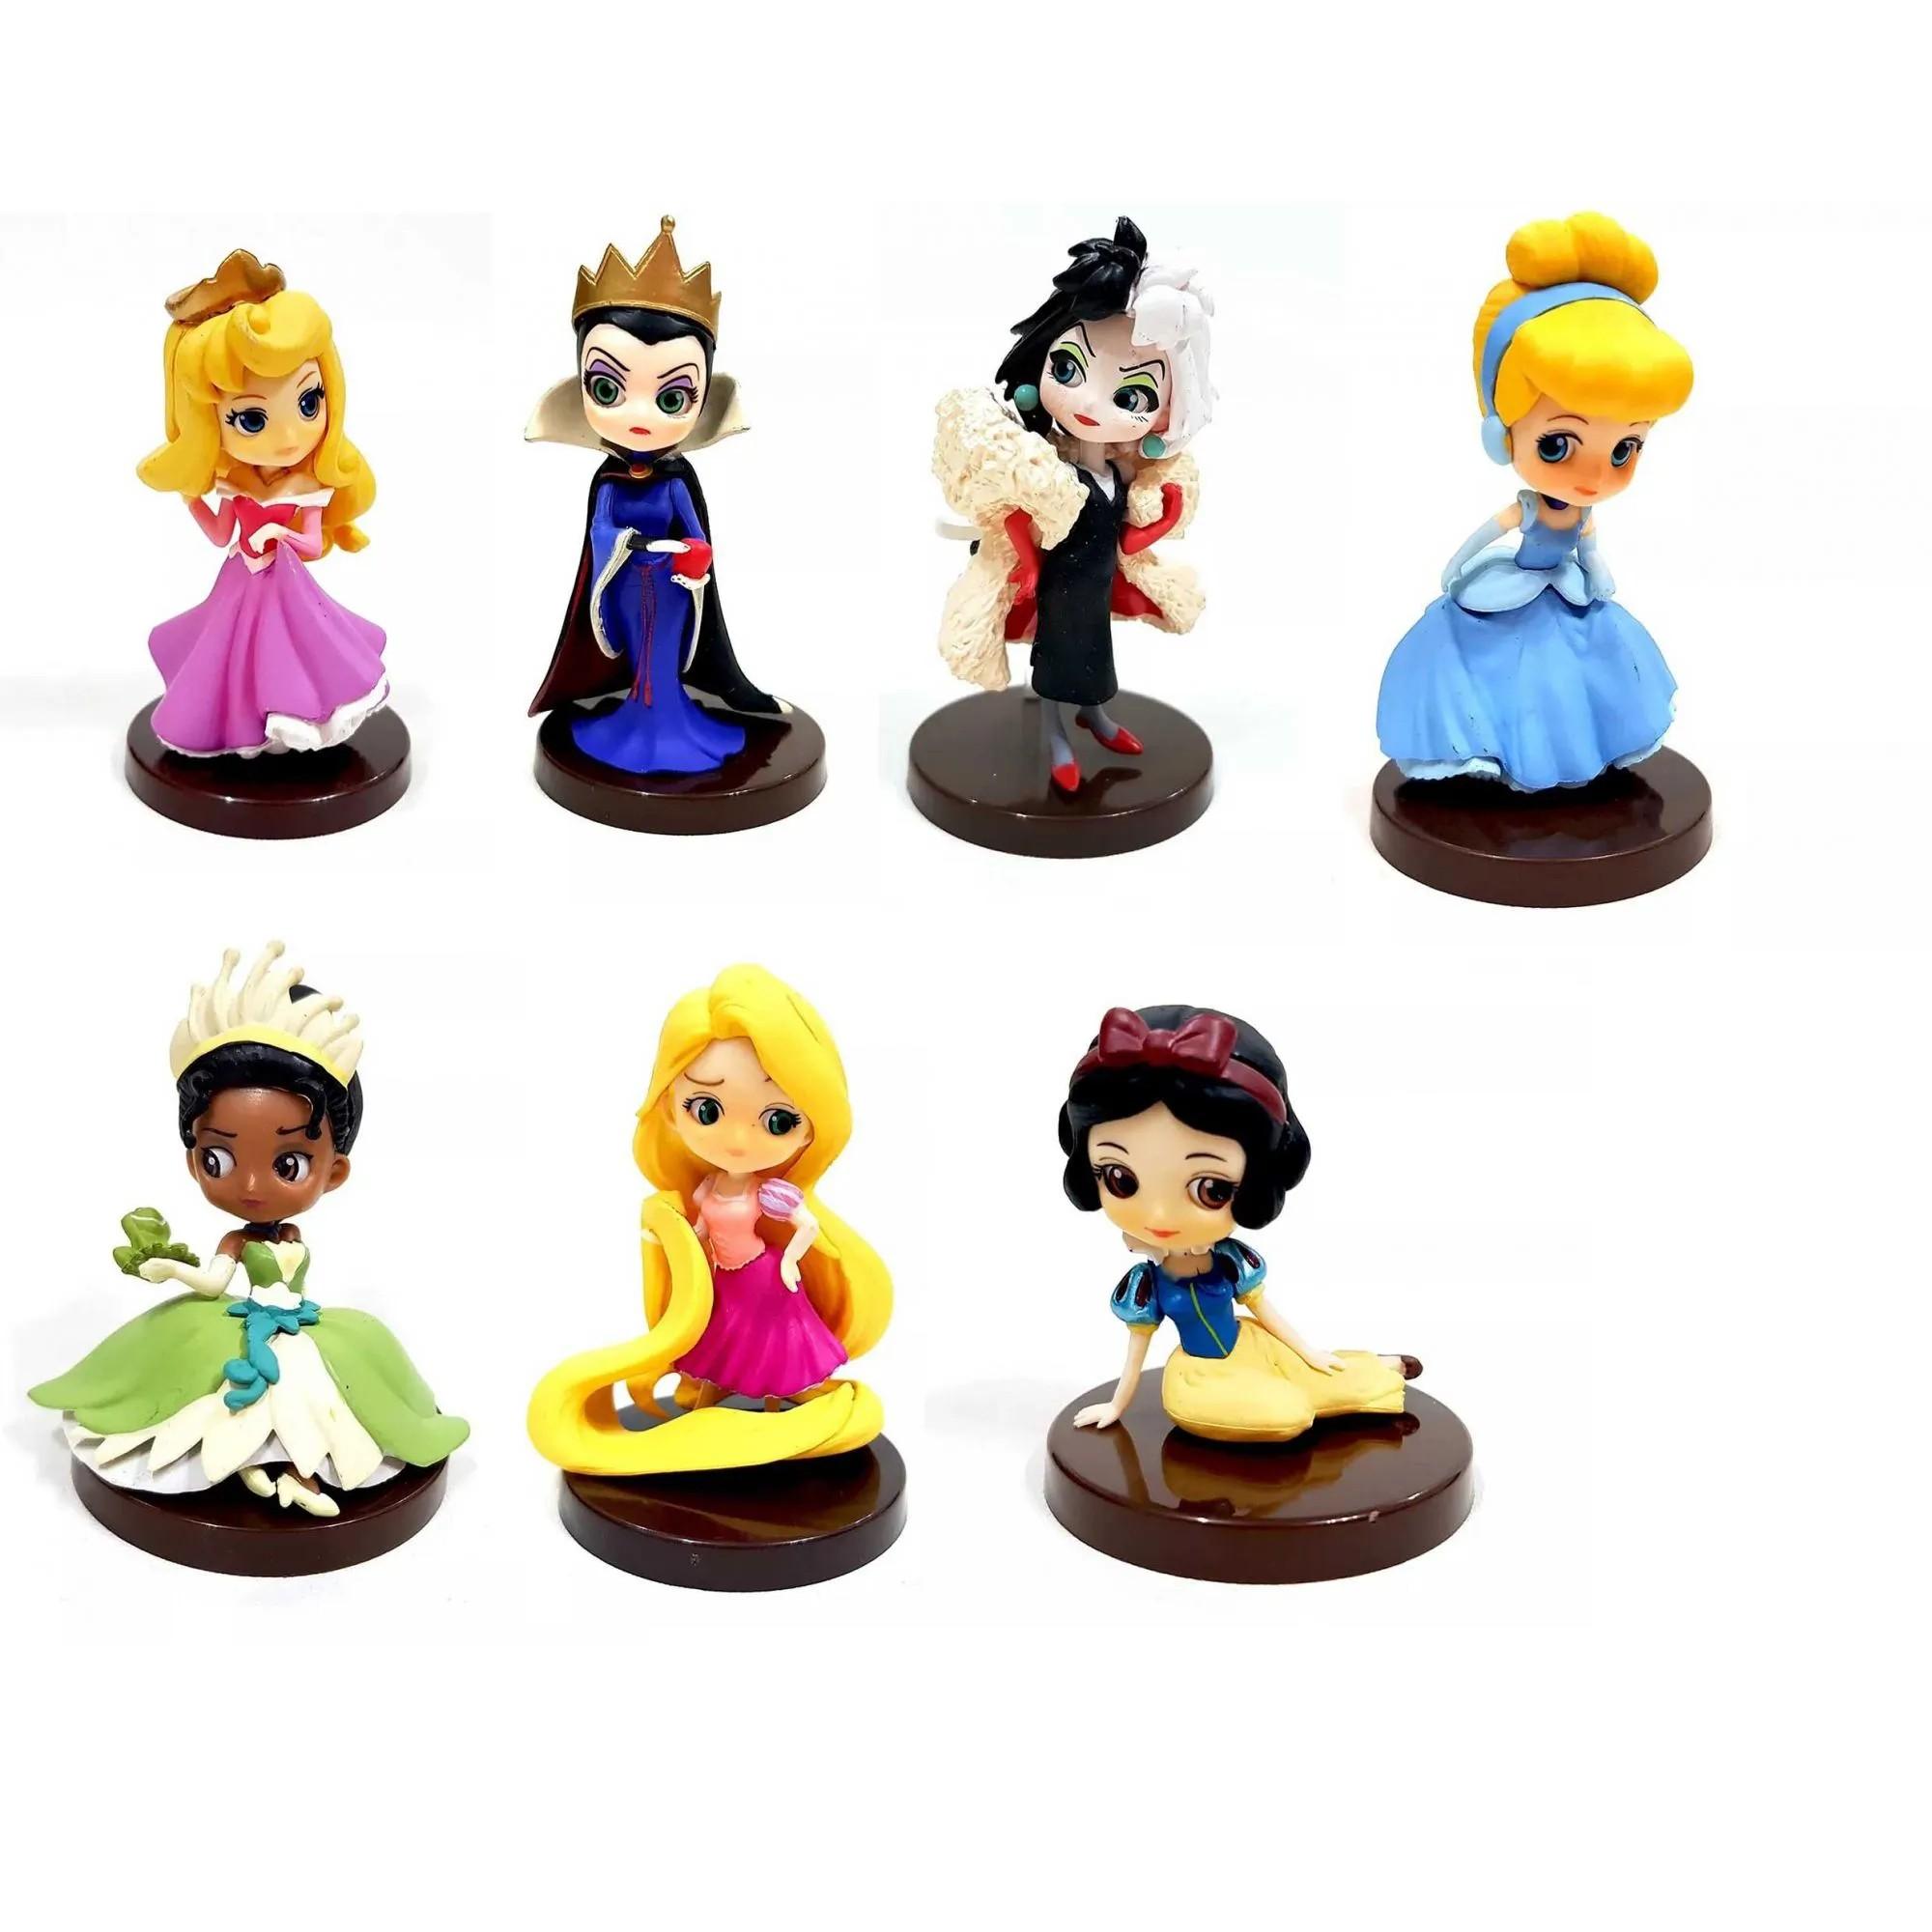 Boneca Disney Qposket Princesa e Vilãs